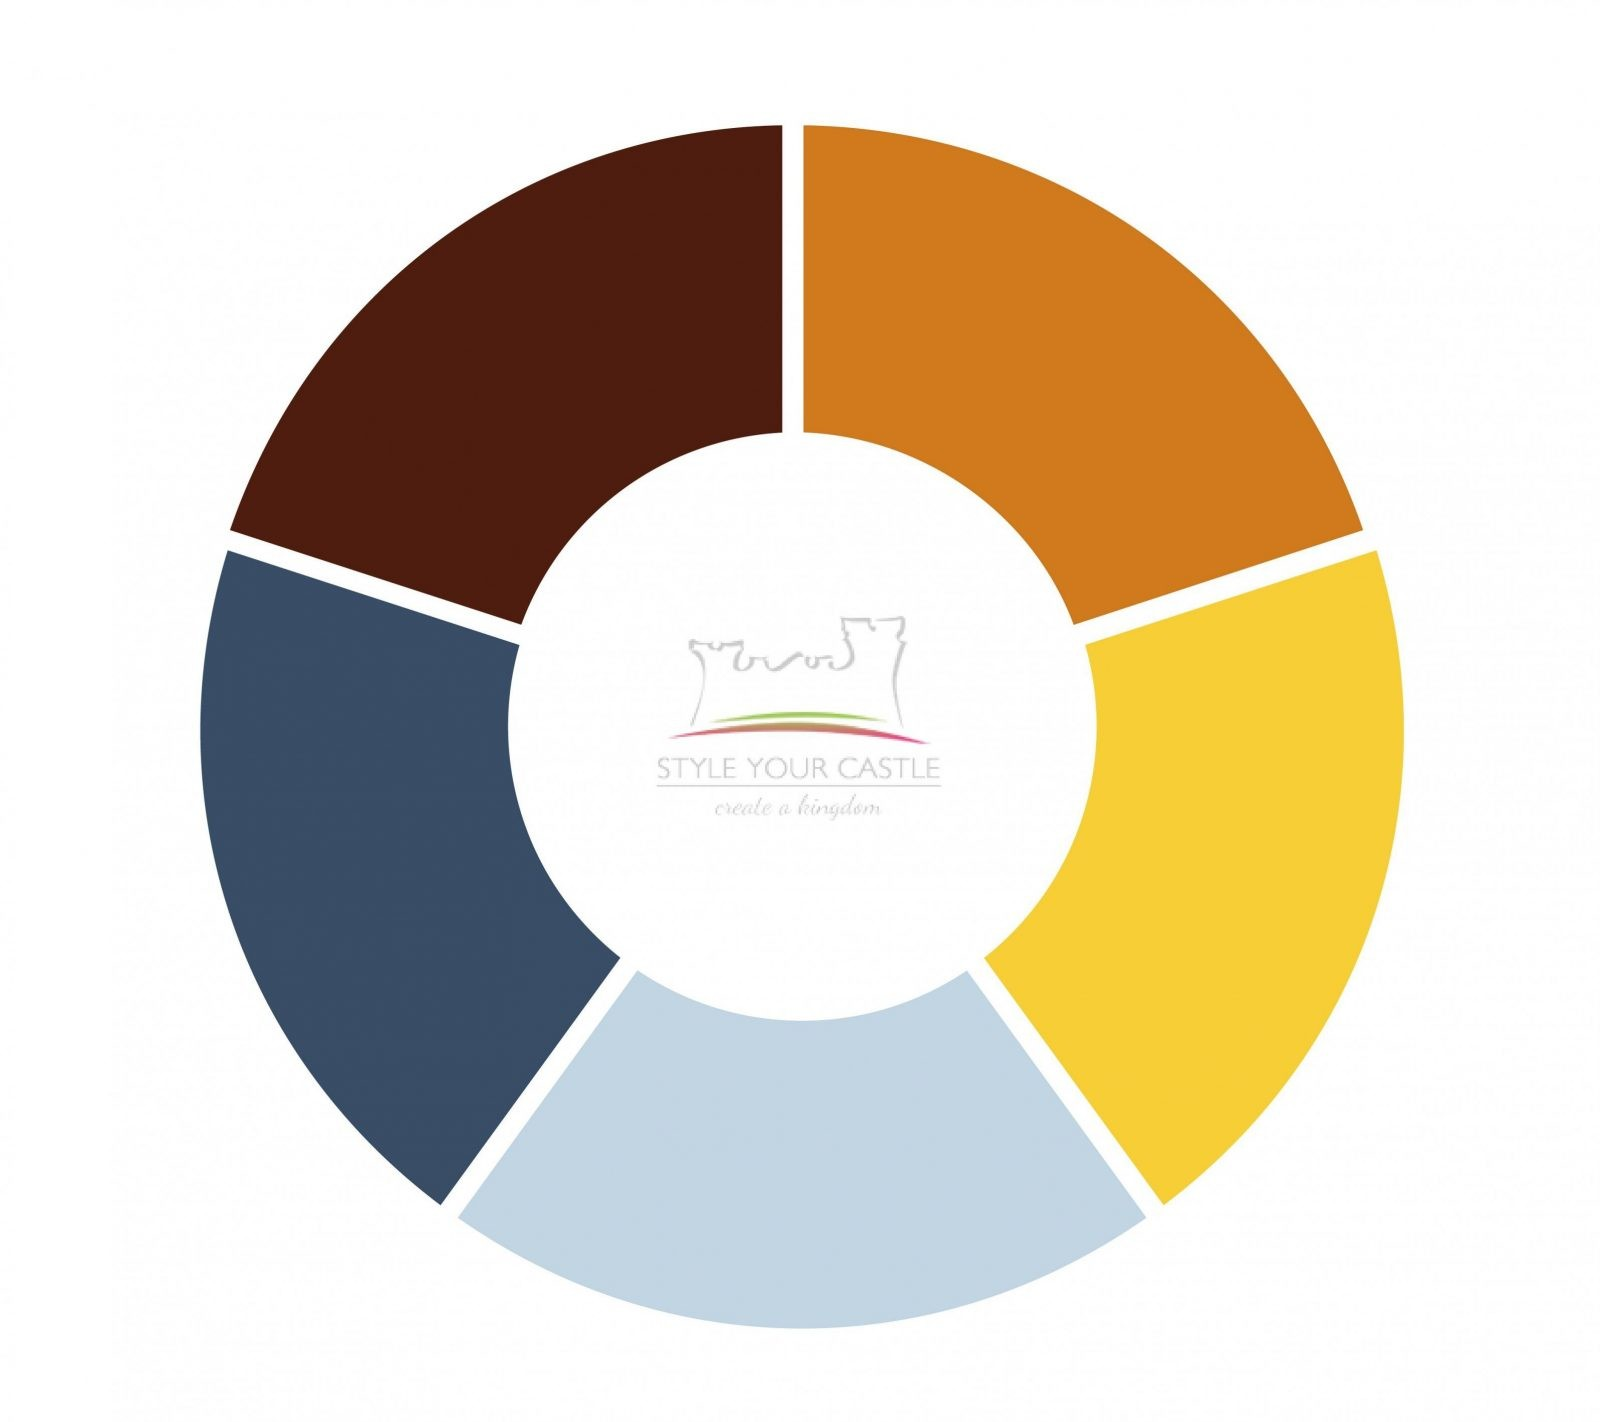 Welche Farbe Passt Zu Braun - Wohndesign -